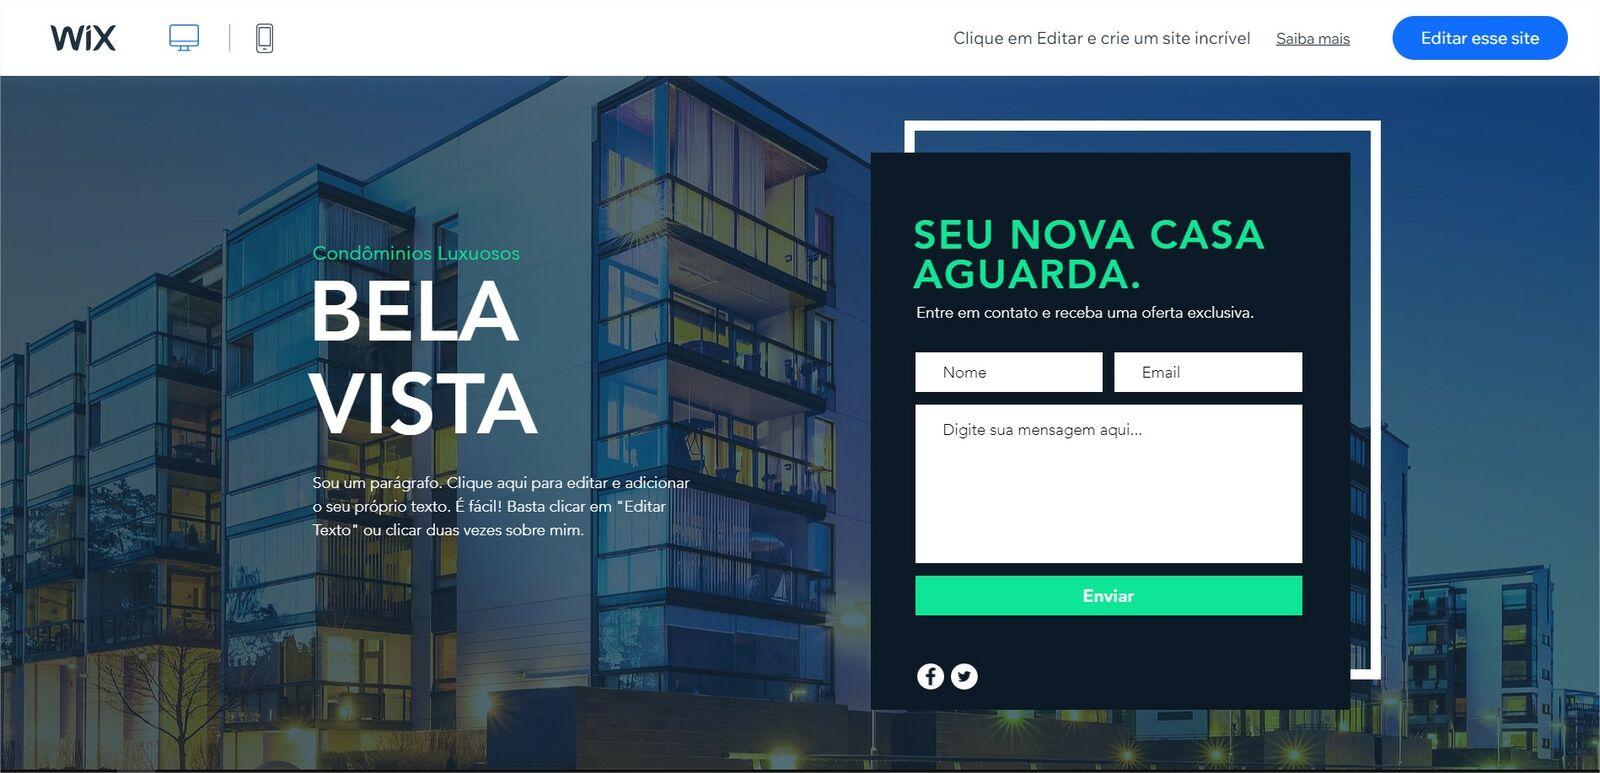 Exemplo de Landing Page, por wix.com